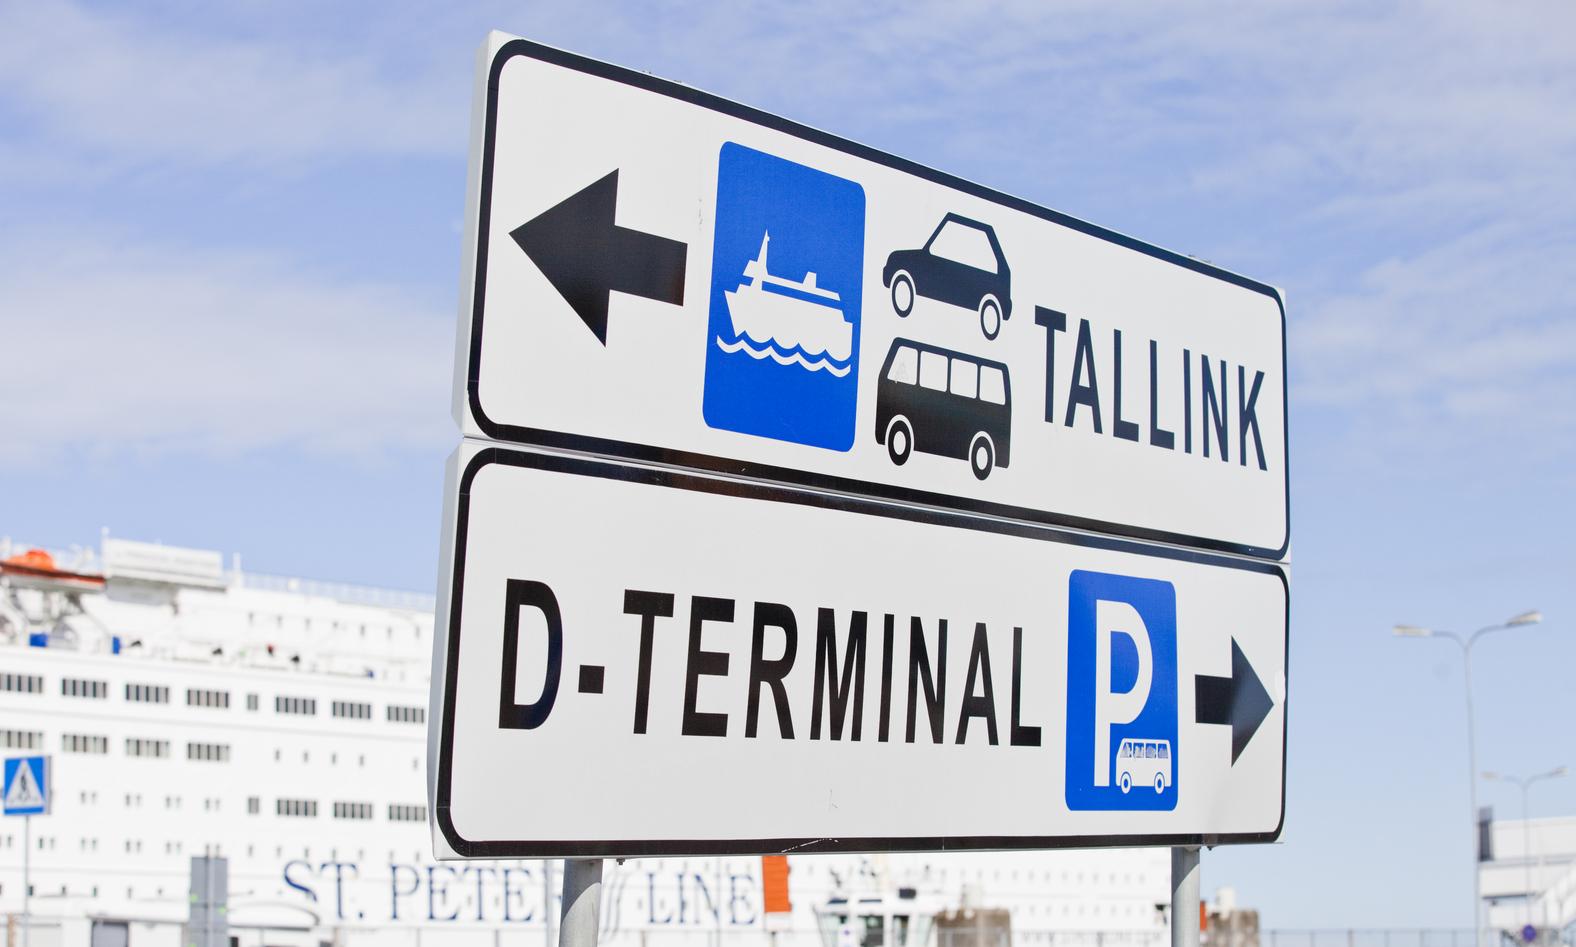 Tallinnan D Terminaalissa Kayttoon Automaattinen